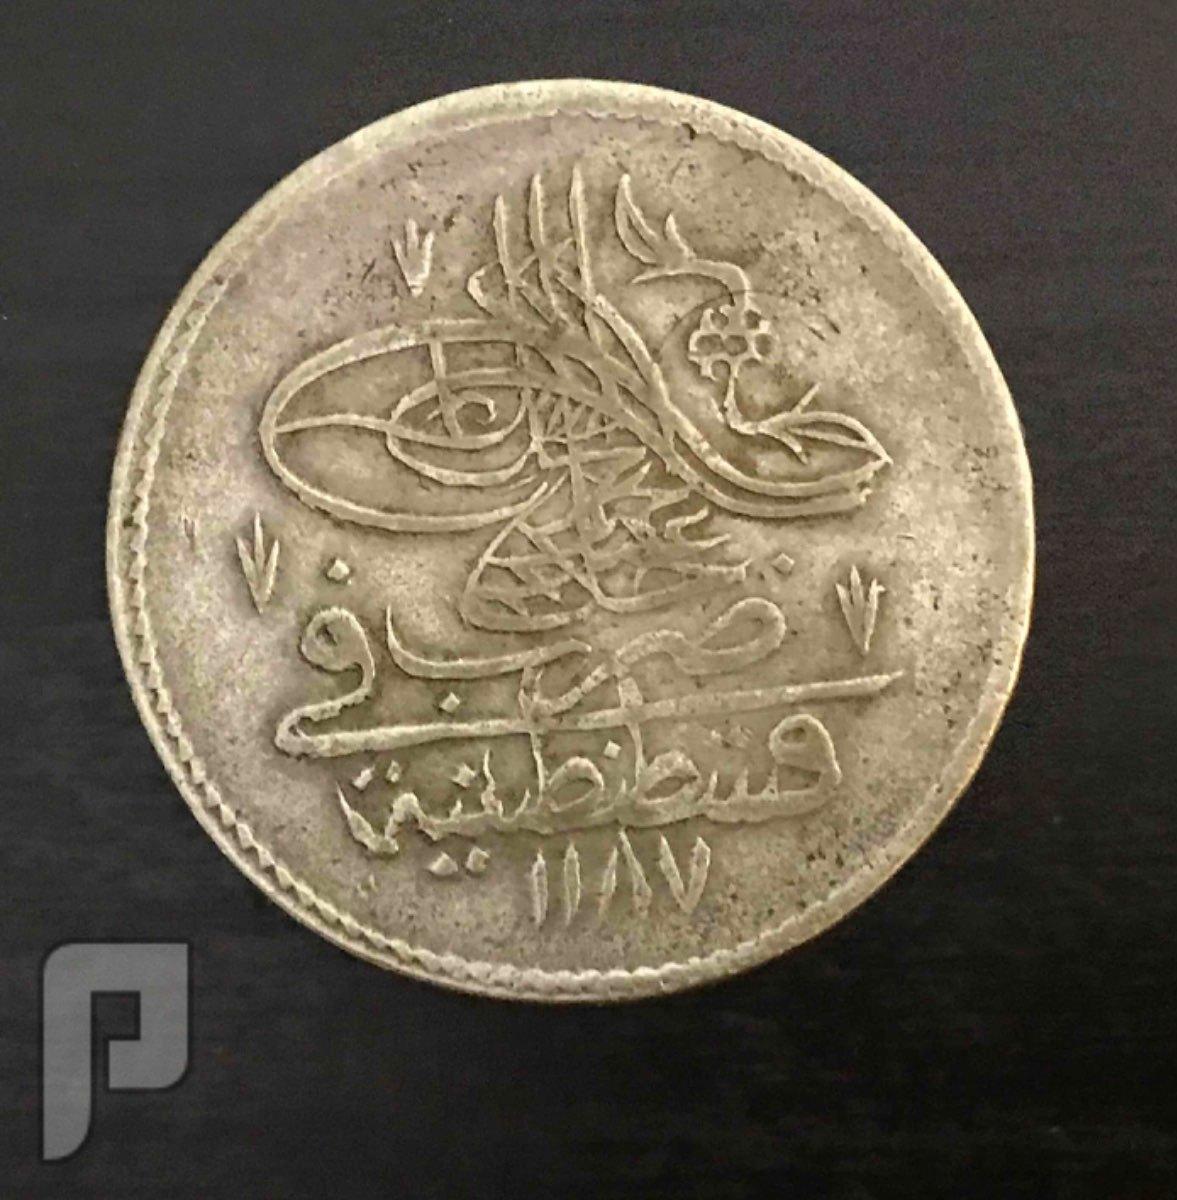 عملات عثمانيه ضرب اسلامبول وسلطان البرين ومجيدي البند3